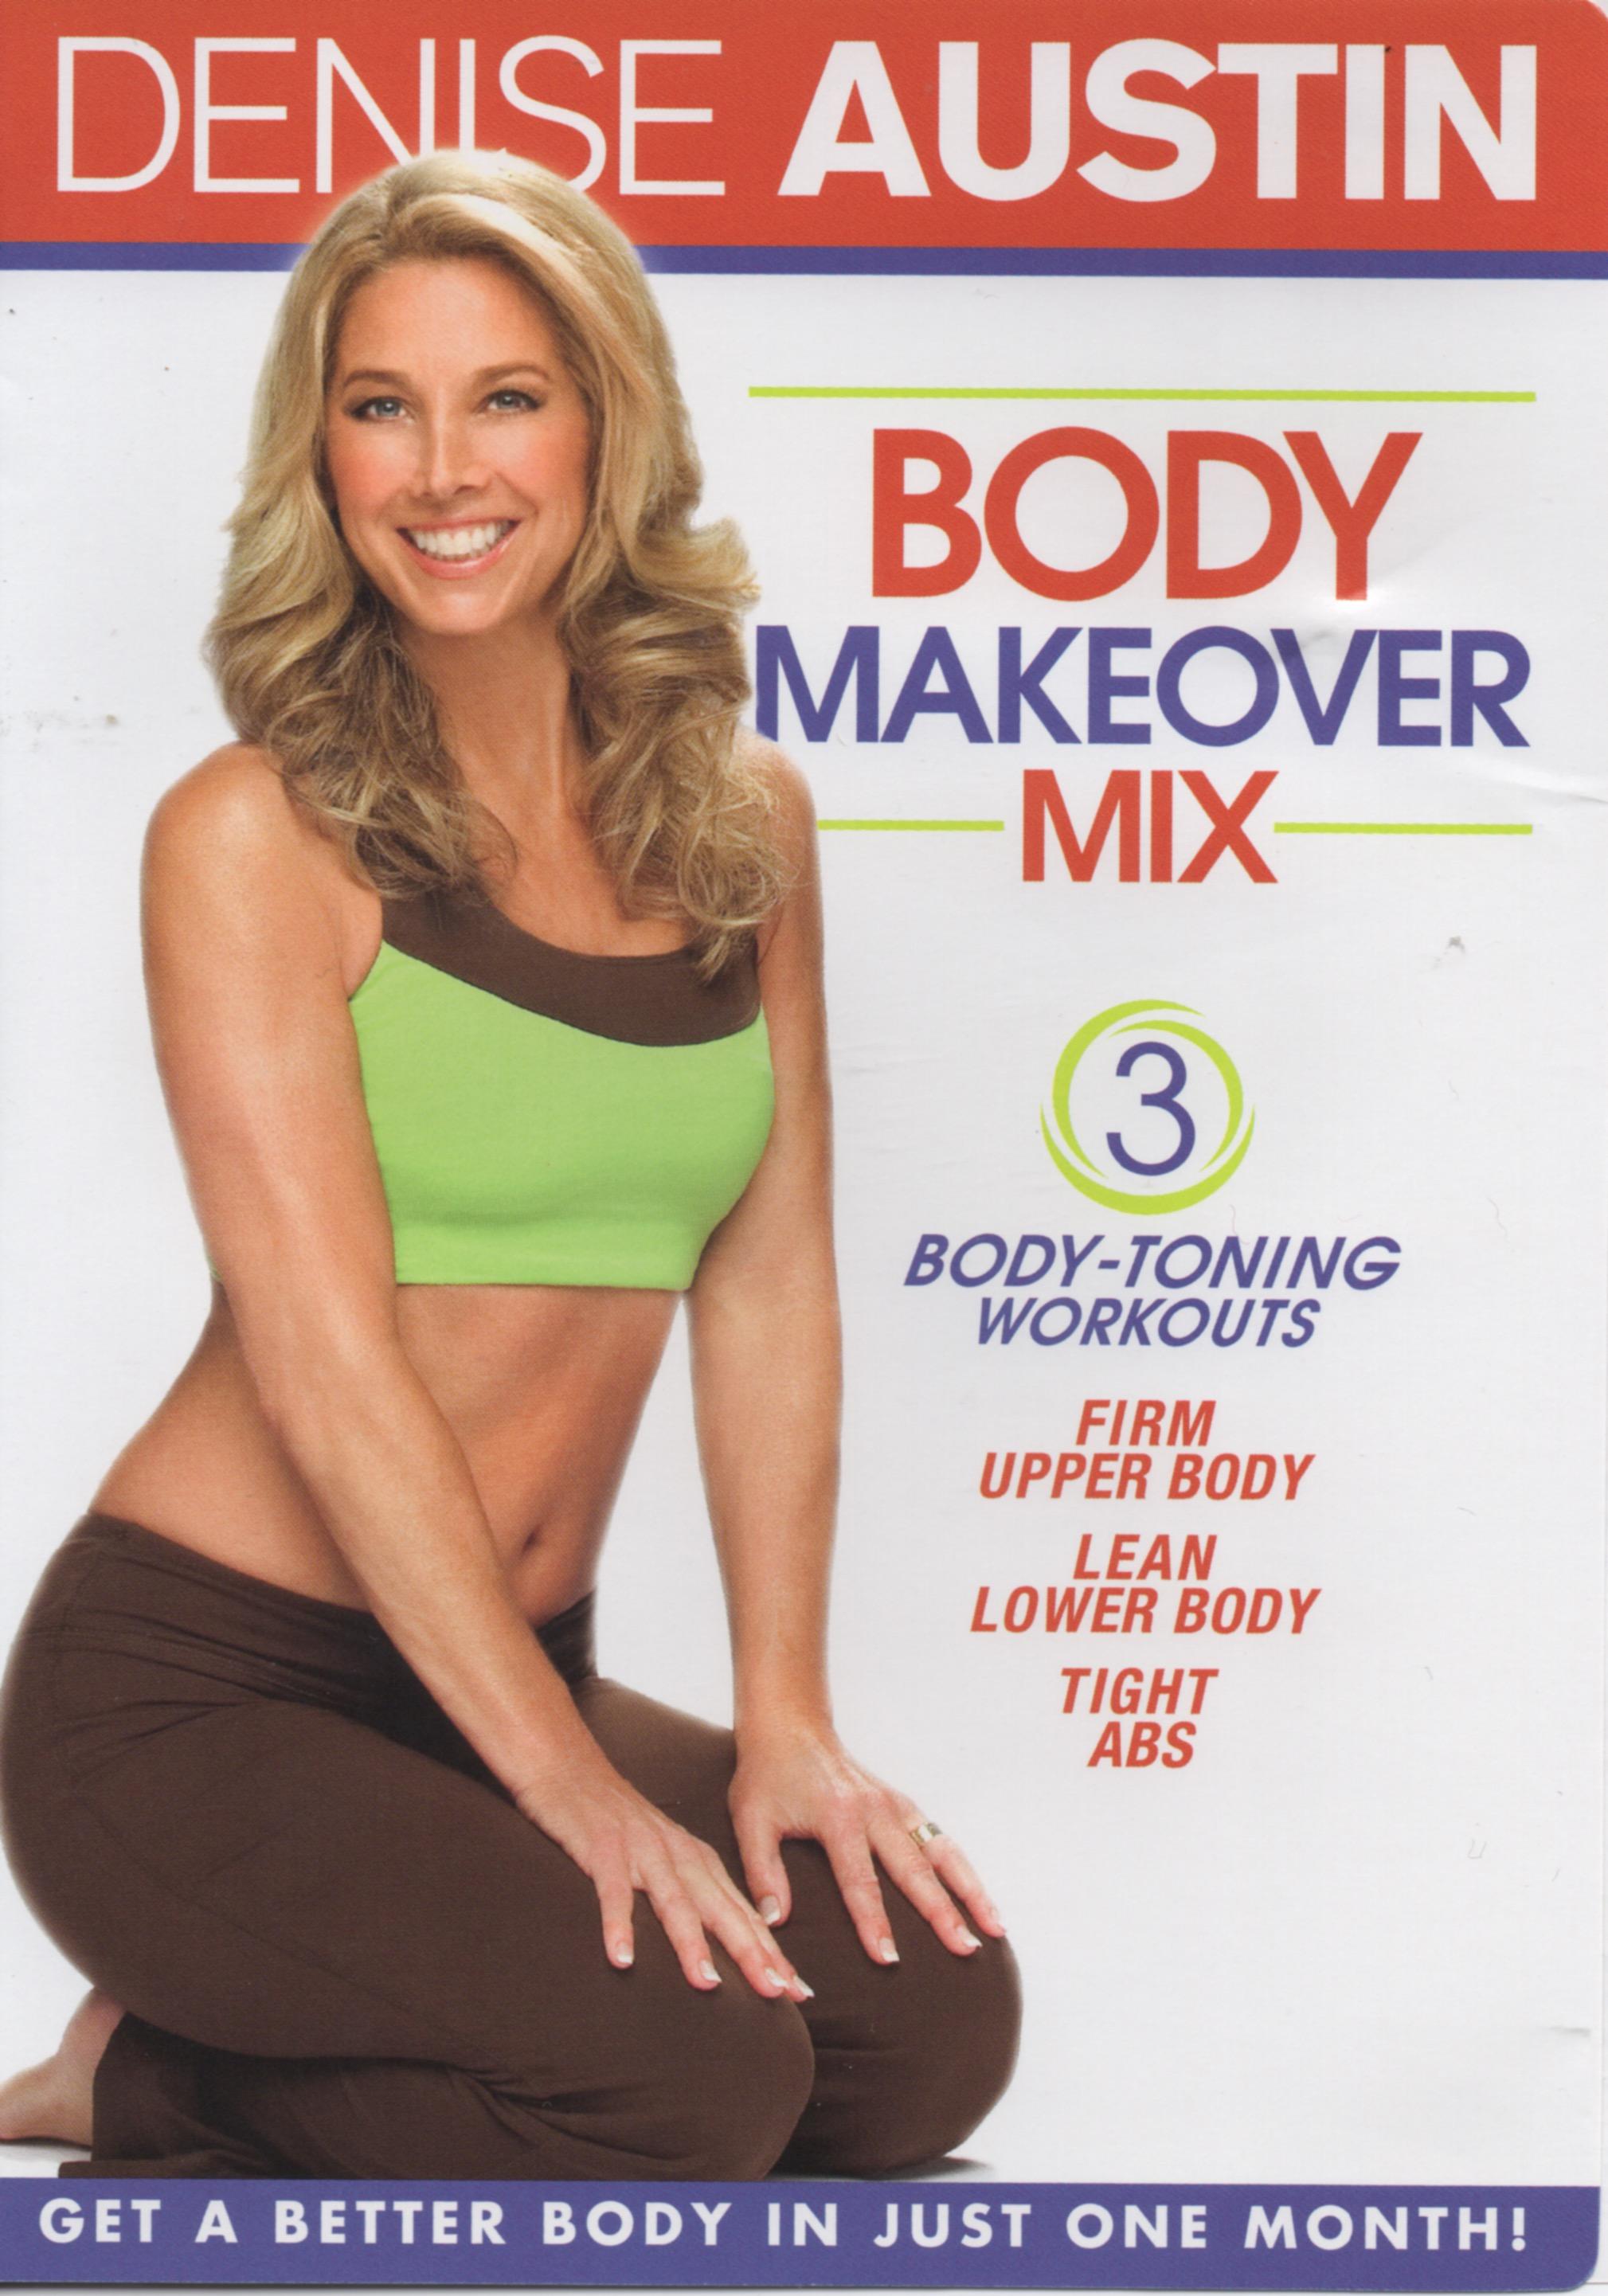 Denise Austin Body Makeover Mix Thrift Store Fitness